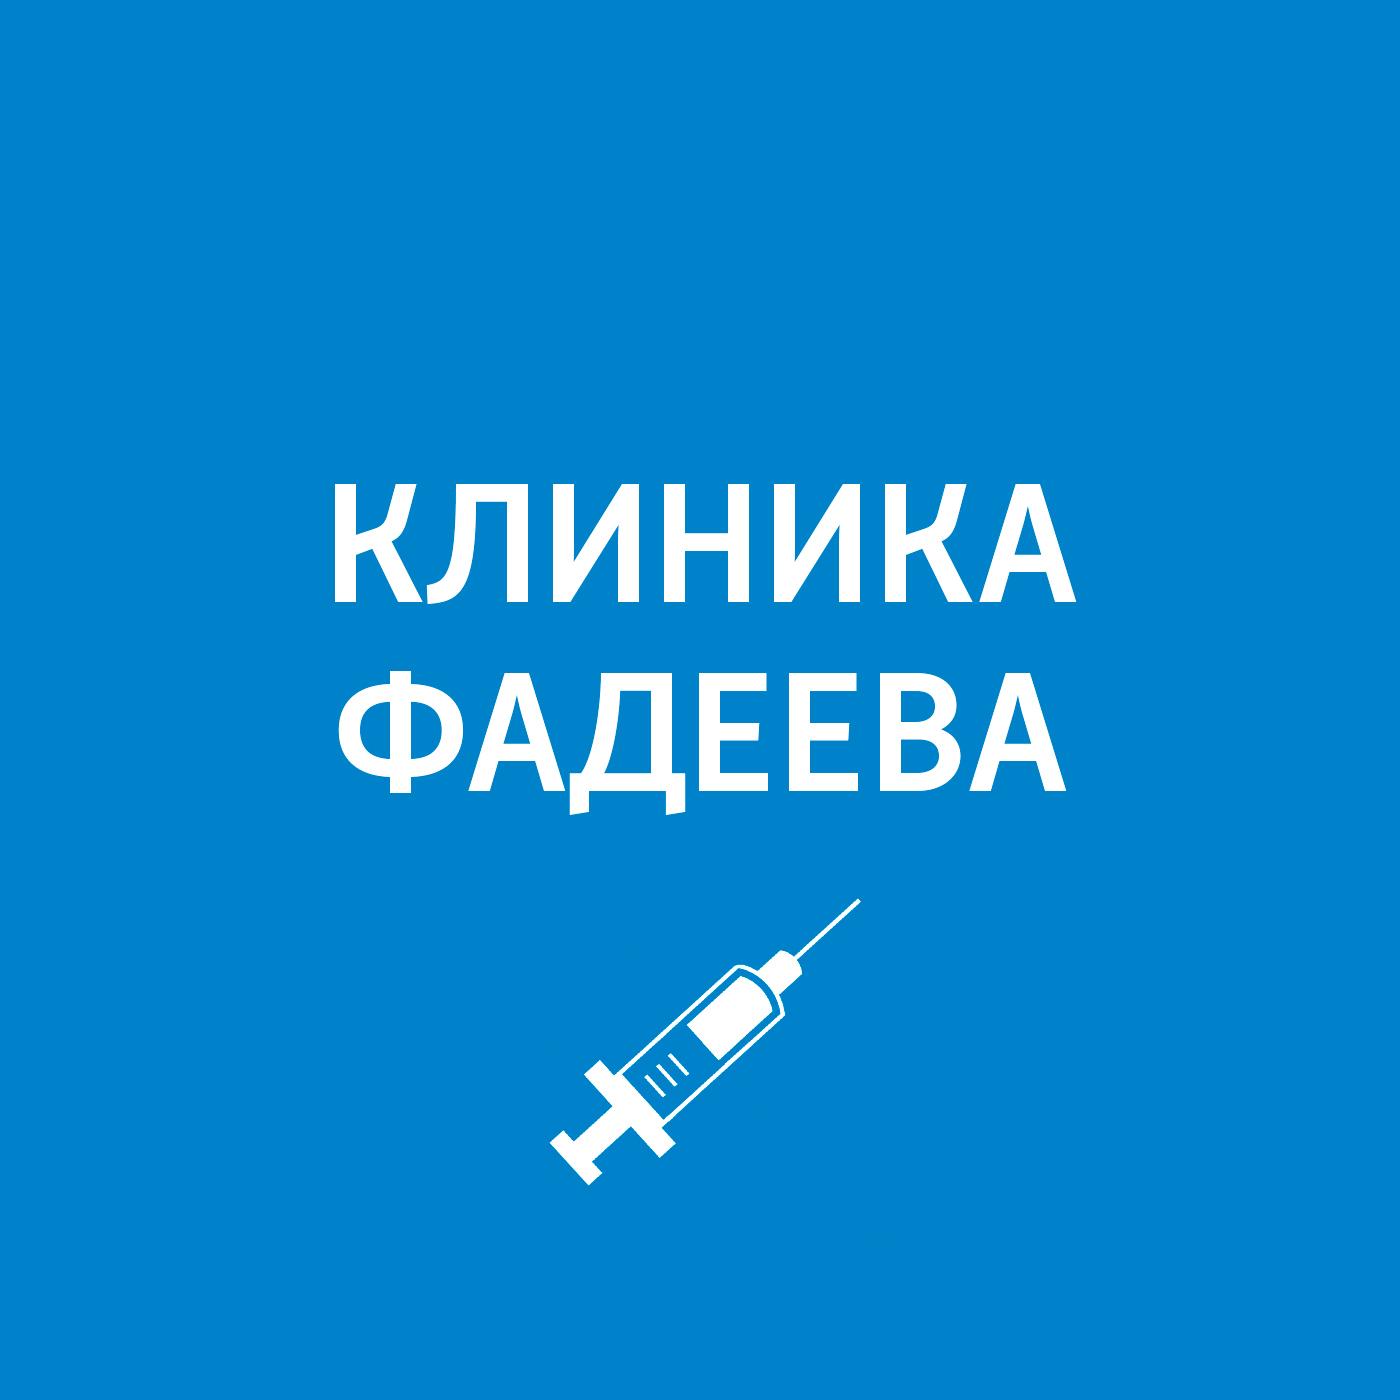 Пётр Фадеев Приём ведёт диетолог. Обмен веществ